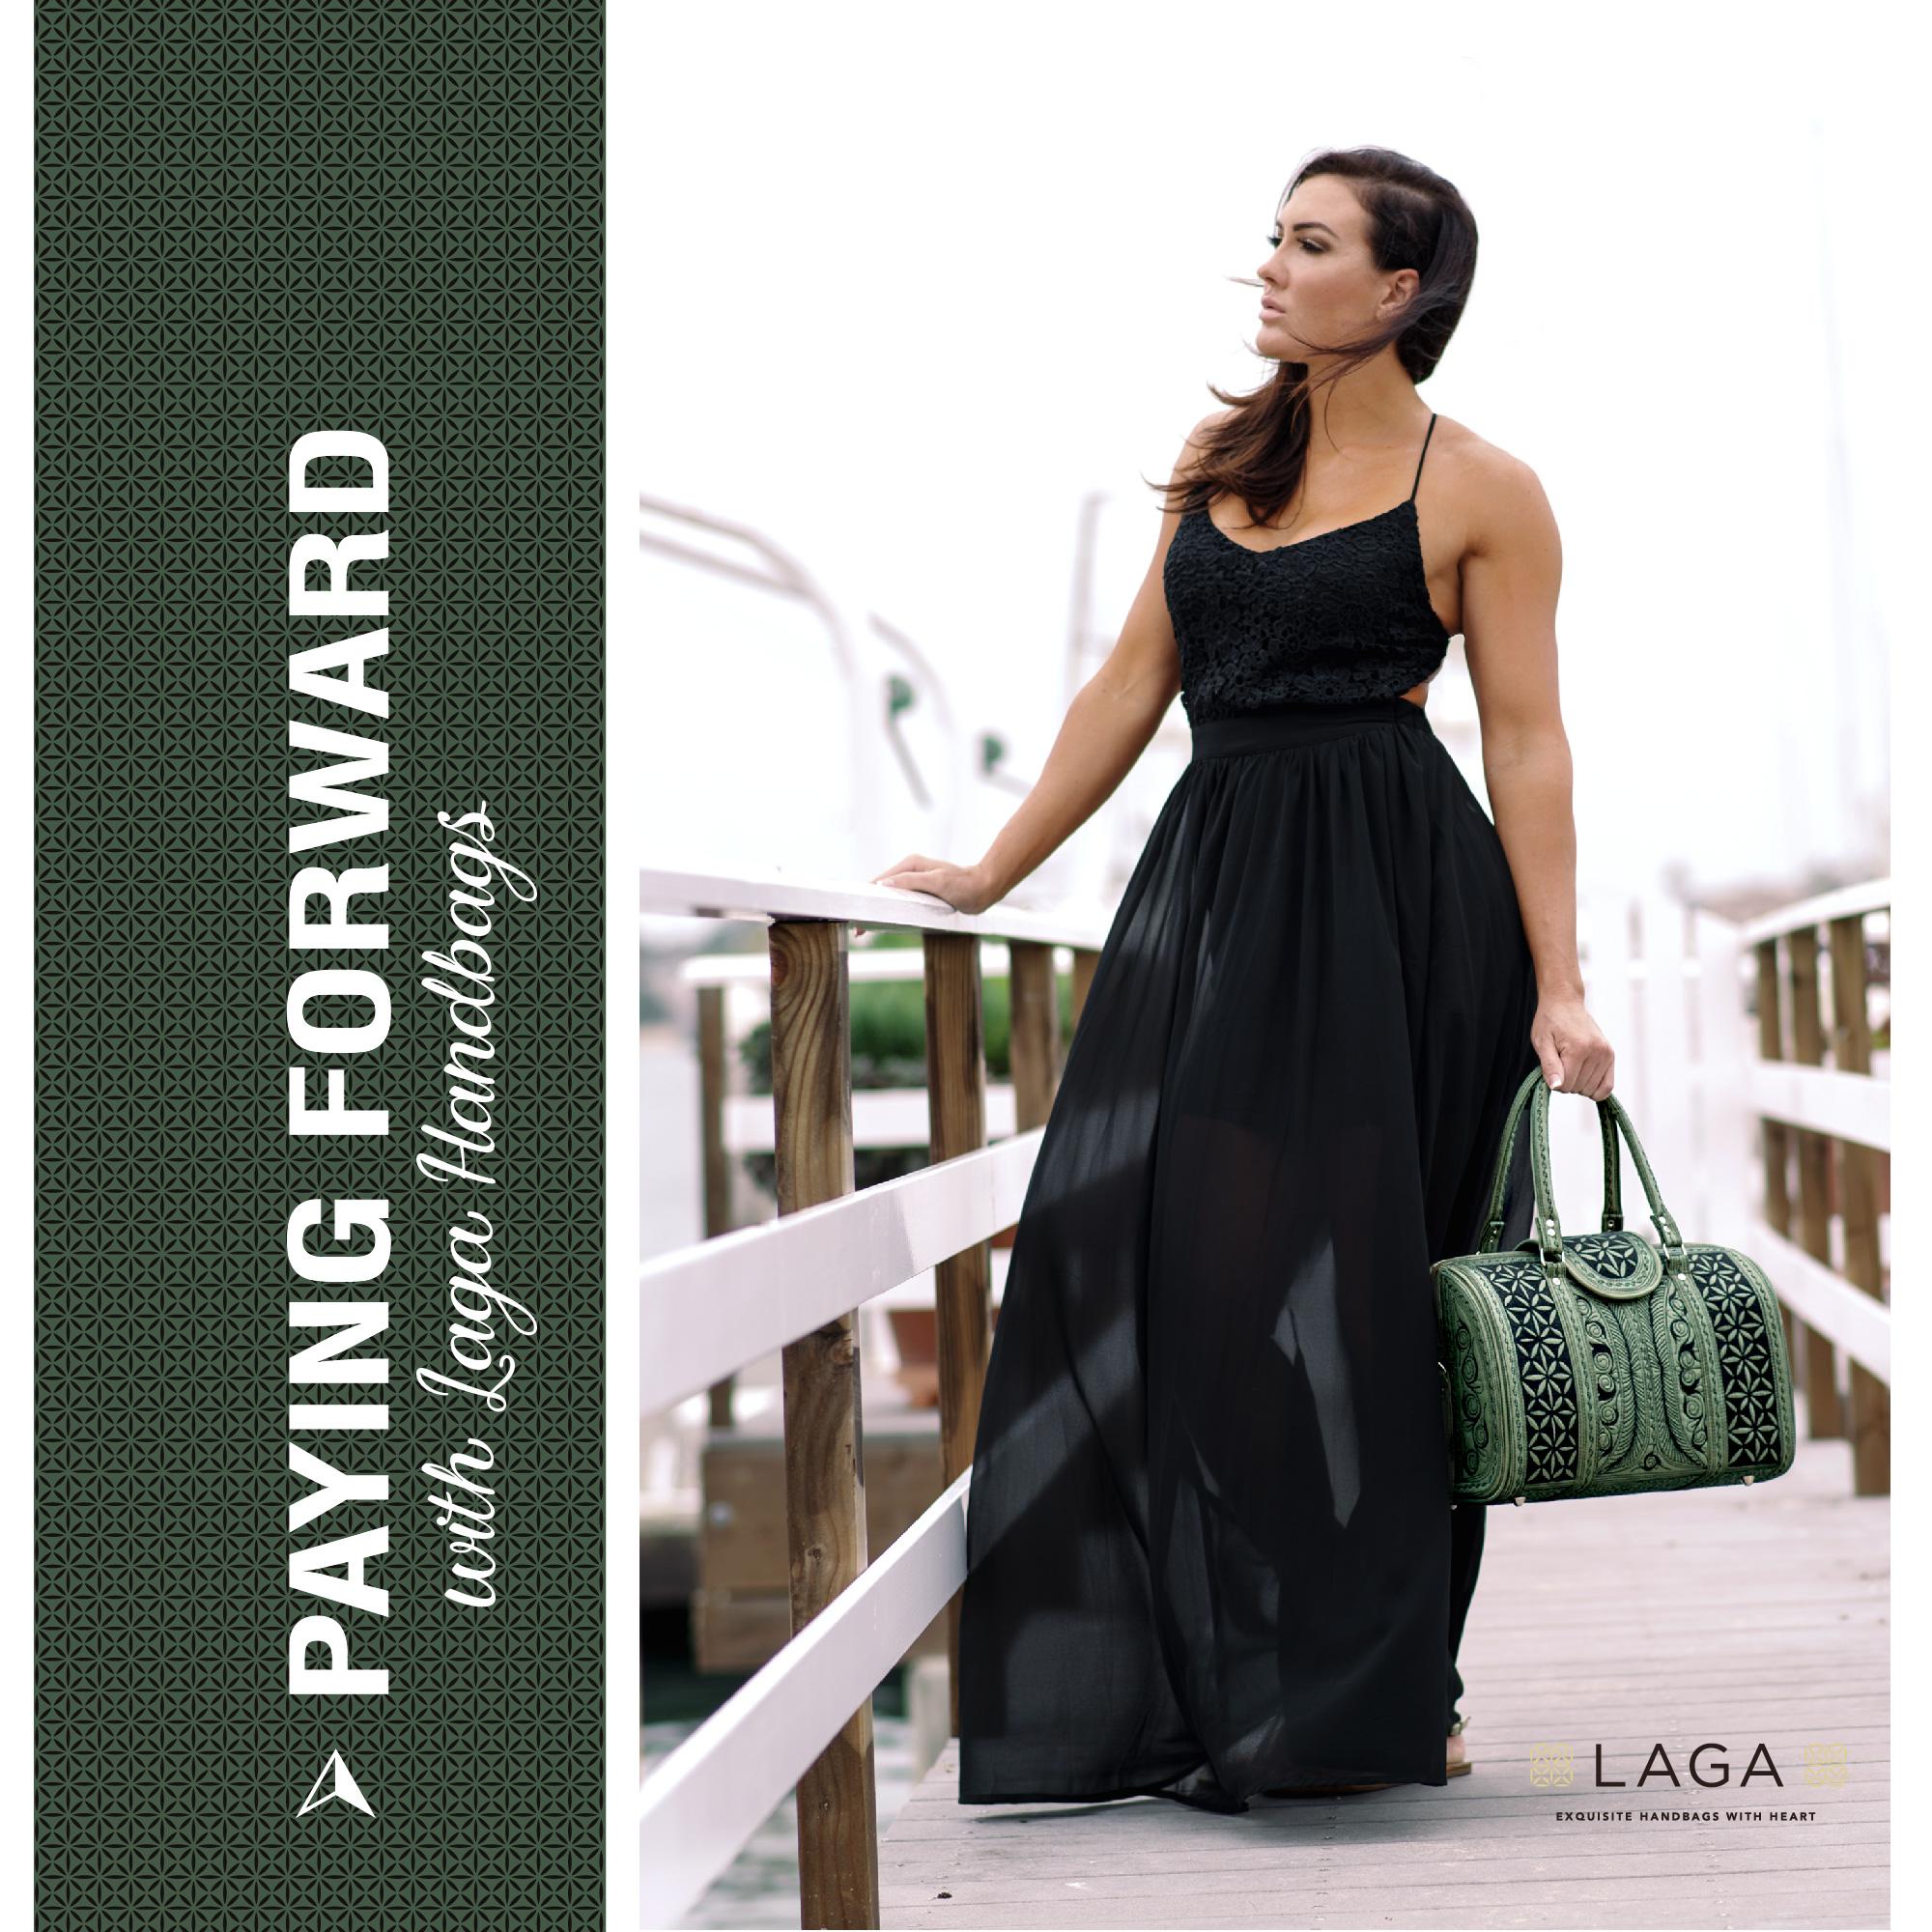 Laga Handbags | Paying Forward with Laga Handbags